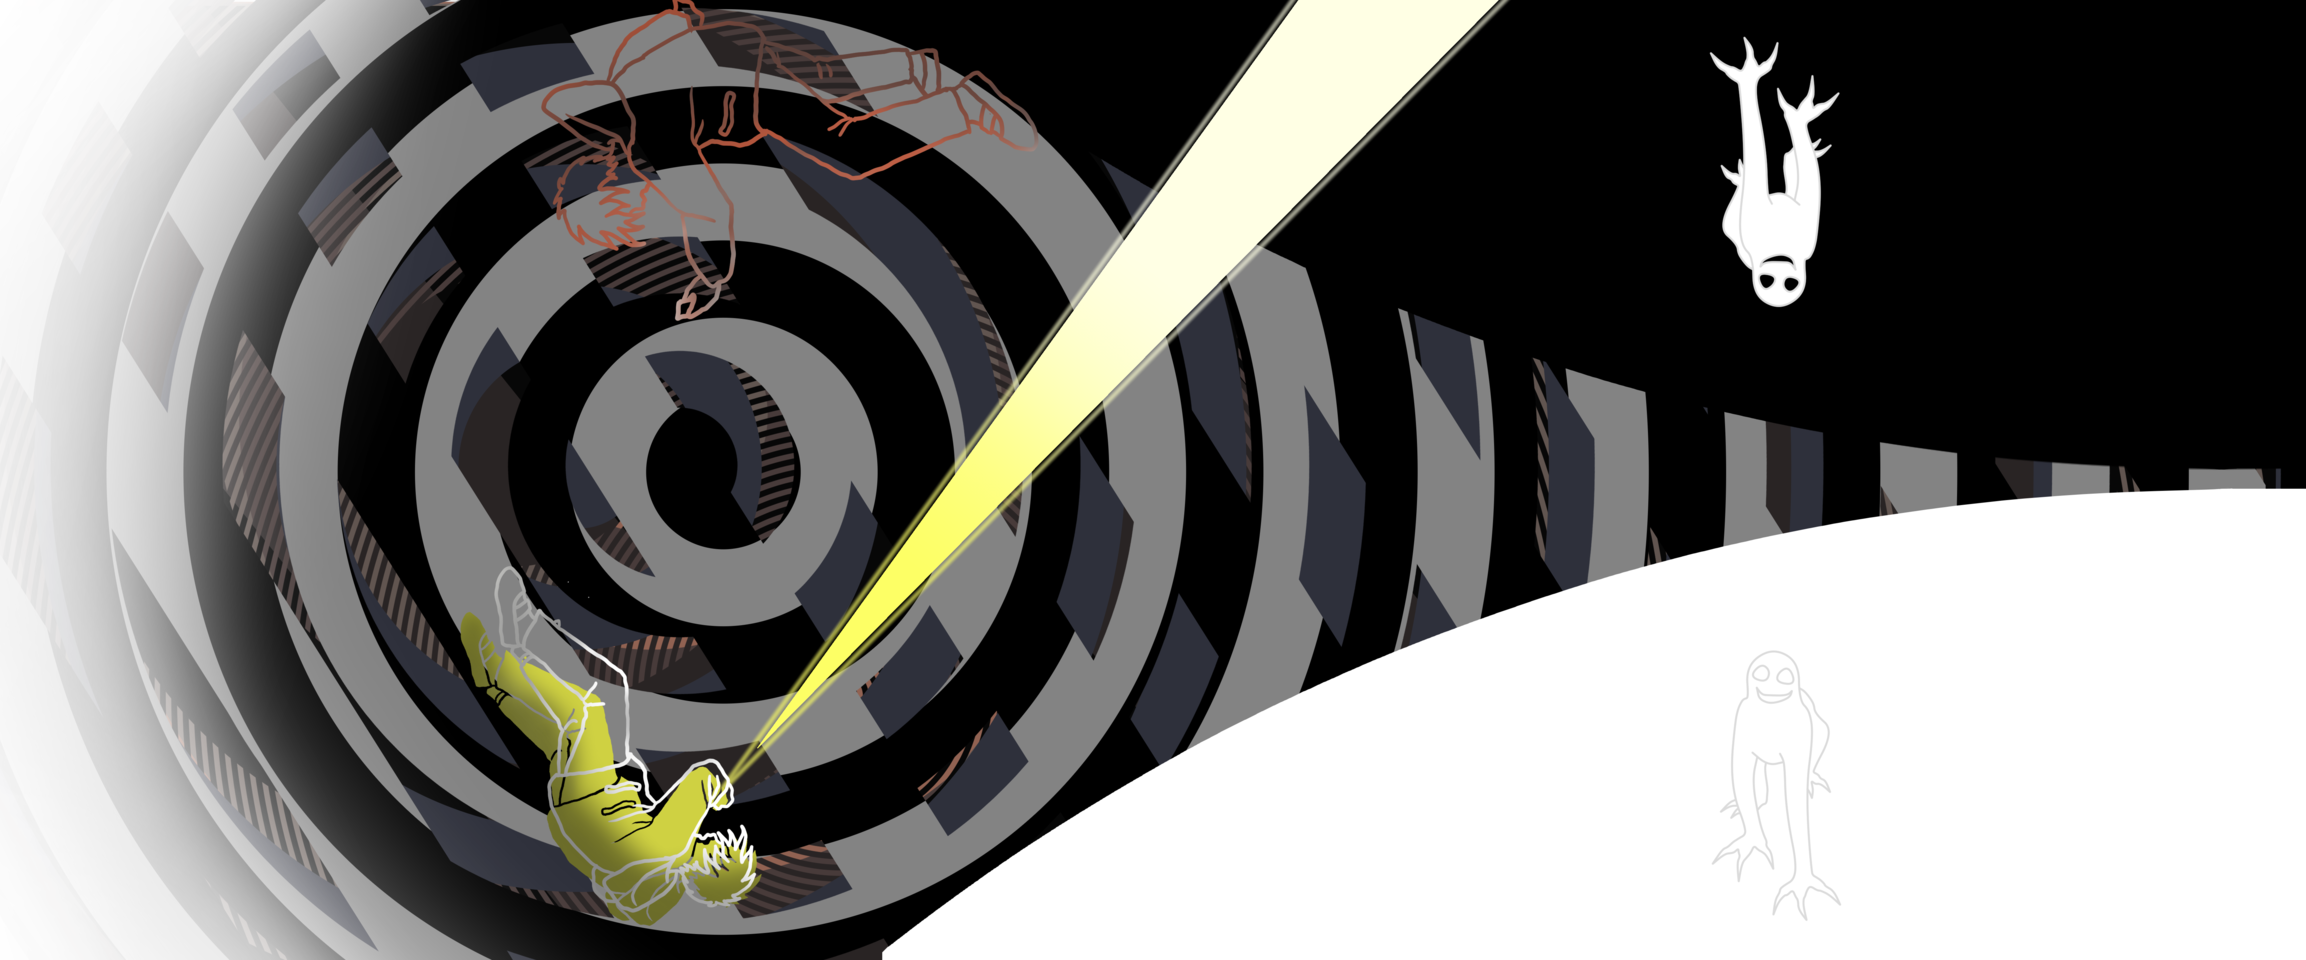 ぐるりと Illust of ながおけいこ Spinning_contest 表紙イラスト 小説 冒険物語 戦う イジメ 異世界 boy